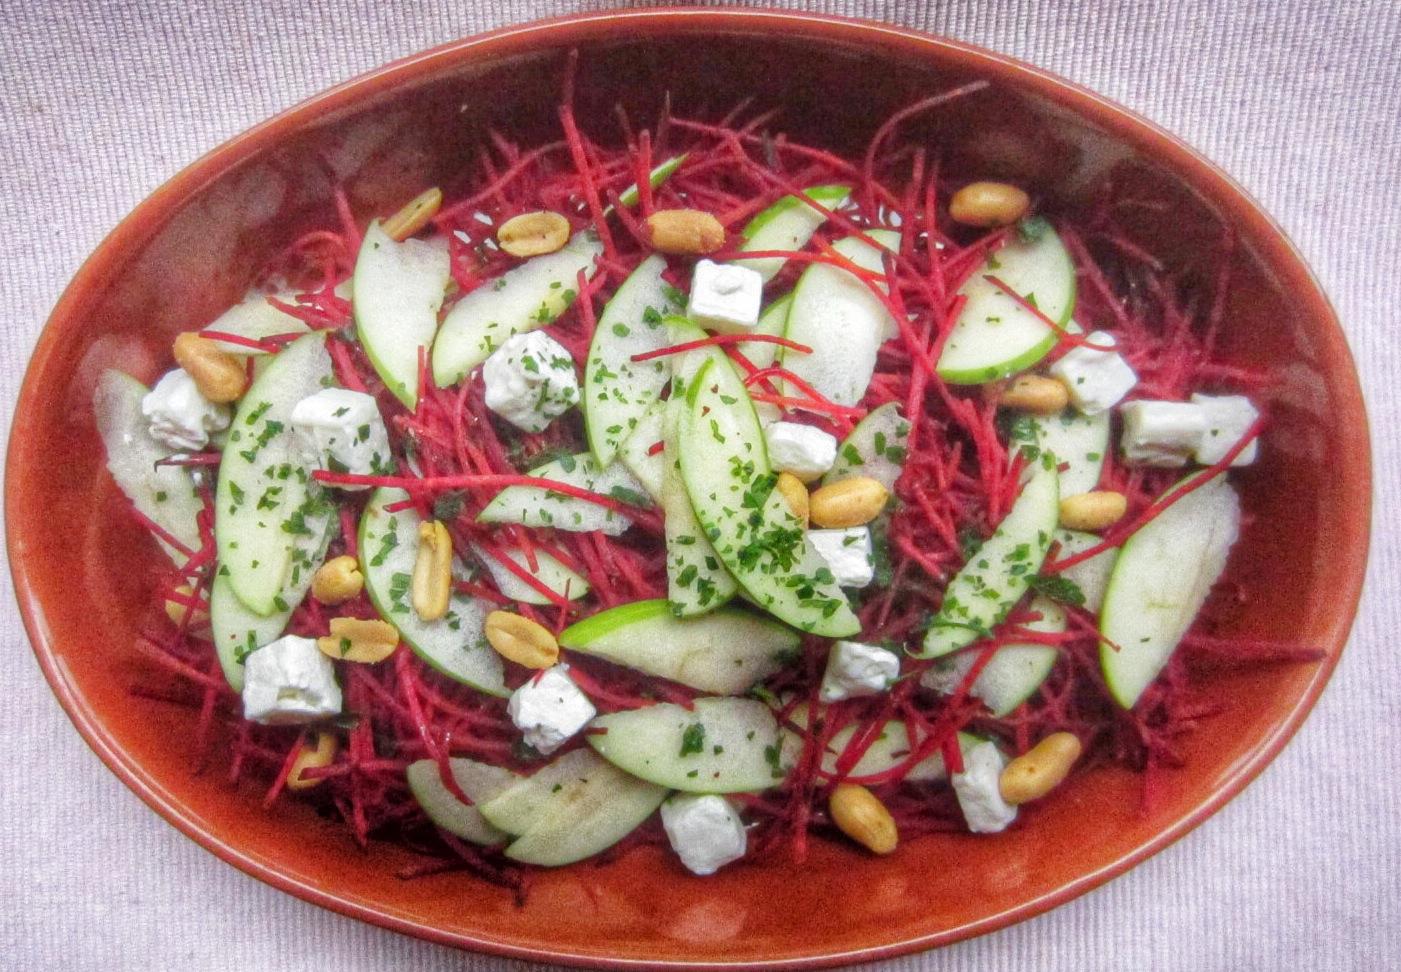 Nella foto si vede una pirofila contenente un'insalata di barbabietole, mela e arachidi